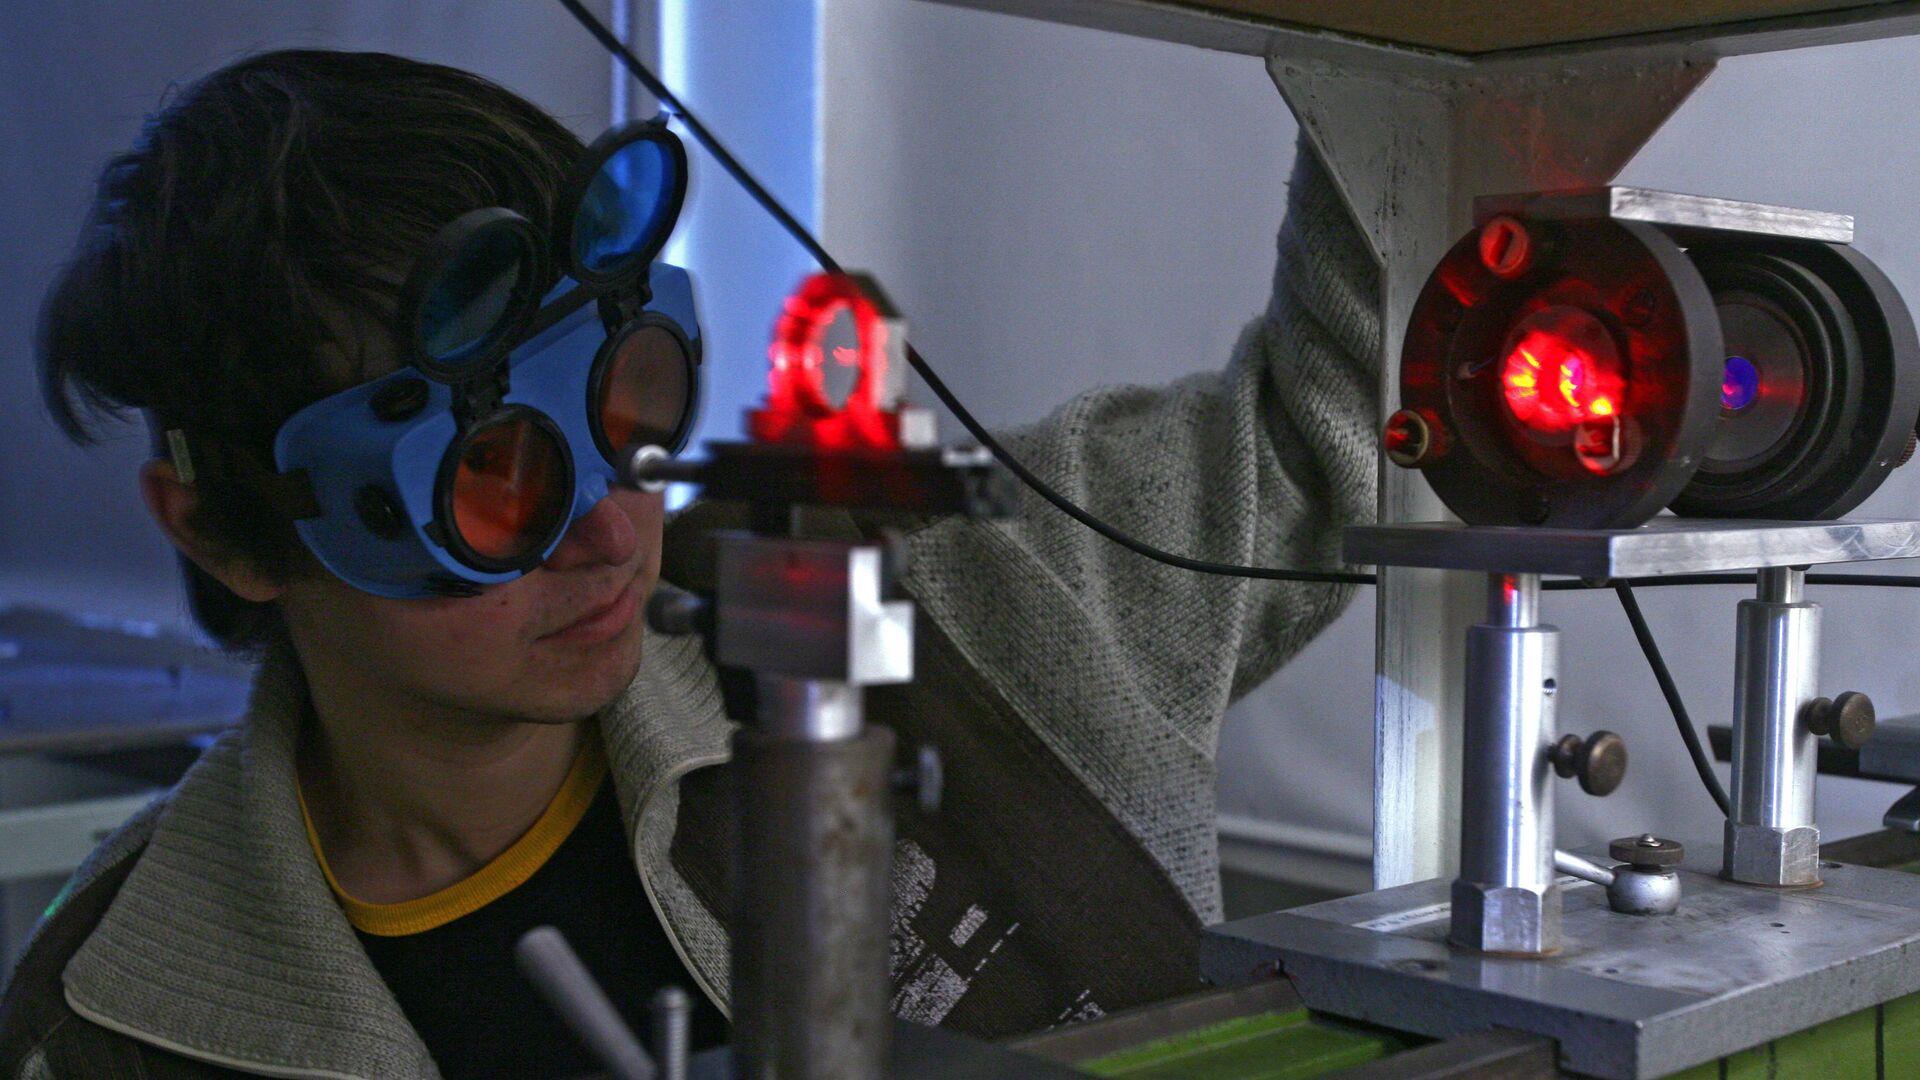 Ученый в лаборатории - Sputnik Беларусь, 1920, 28.07.2021